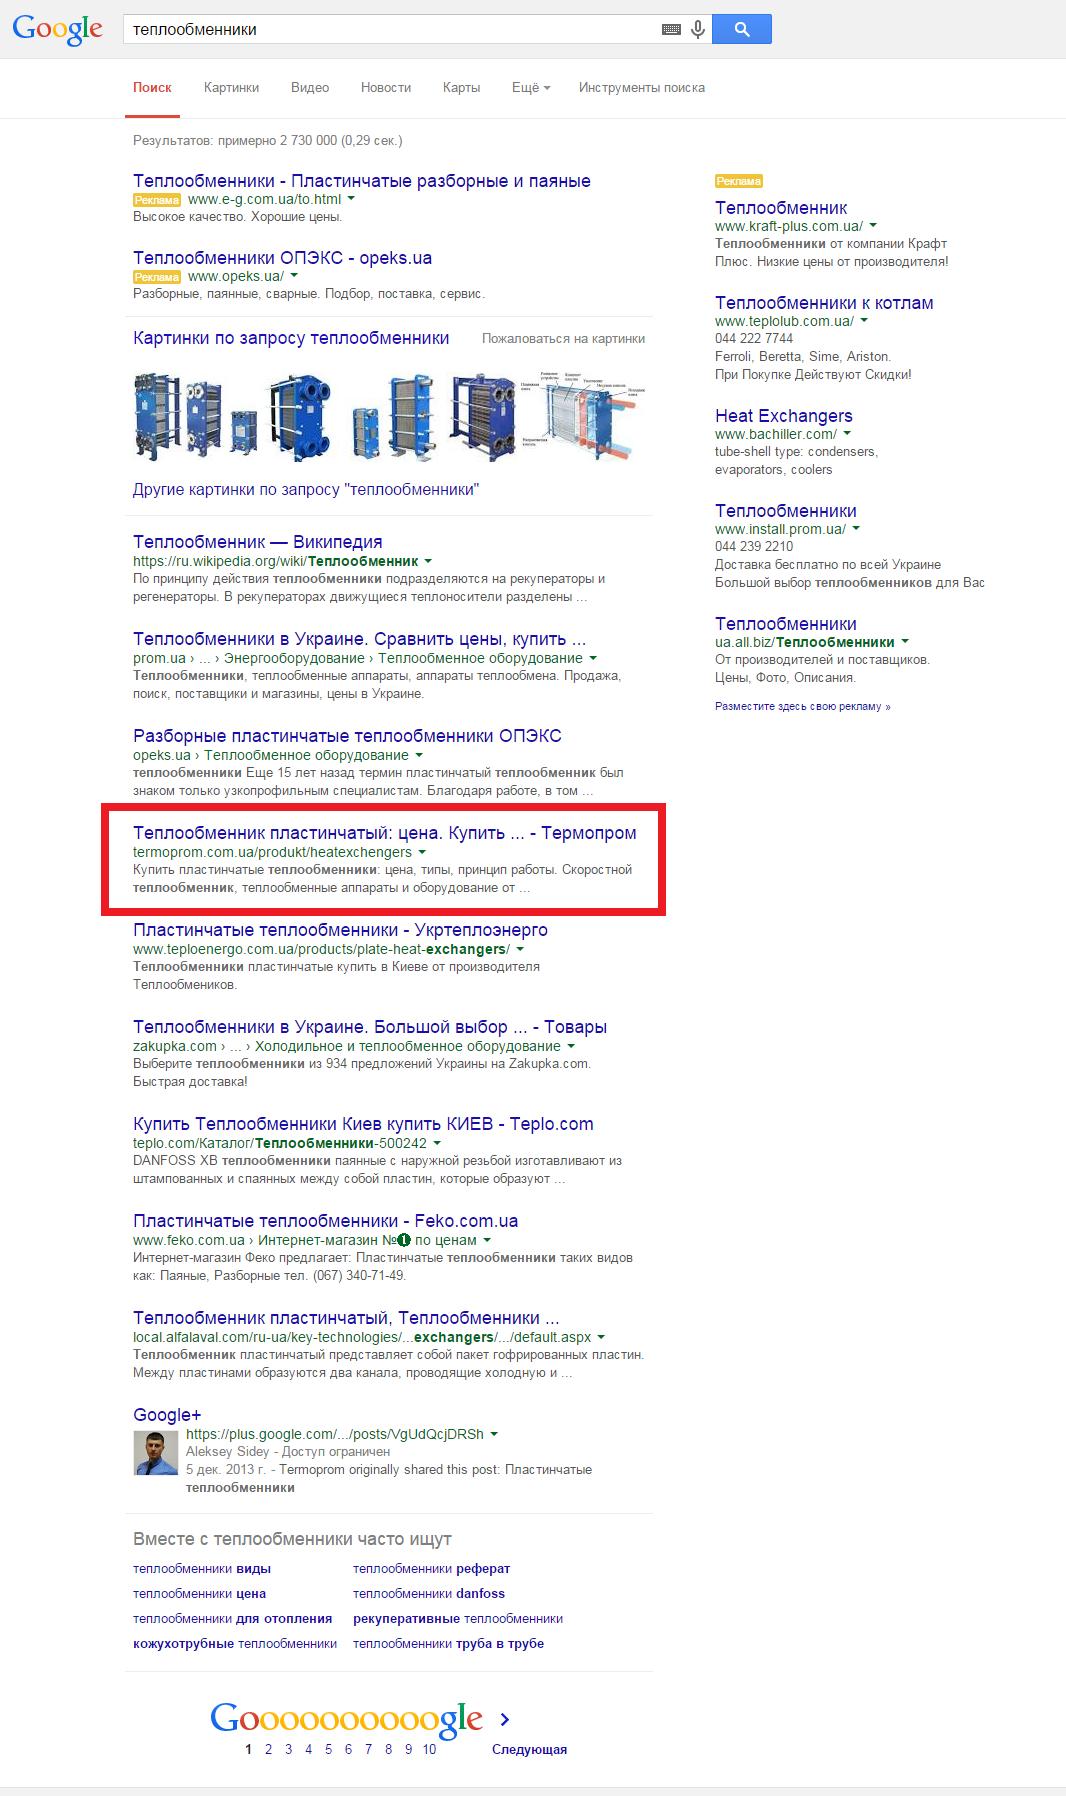 ТЕПЛООБМЕННИКИ - ТОП 5 Google (Украина)